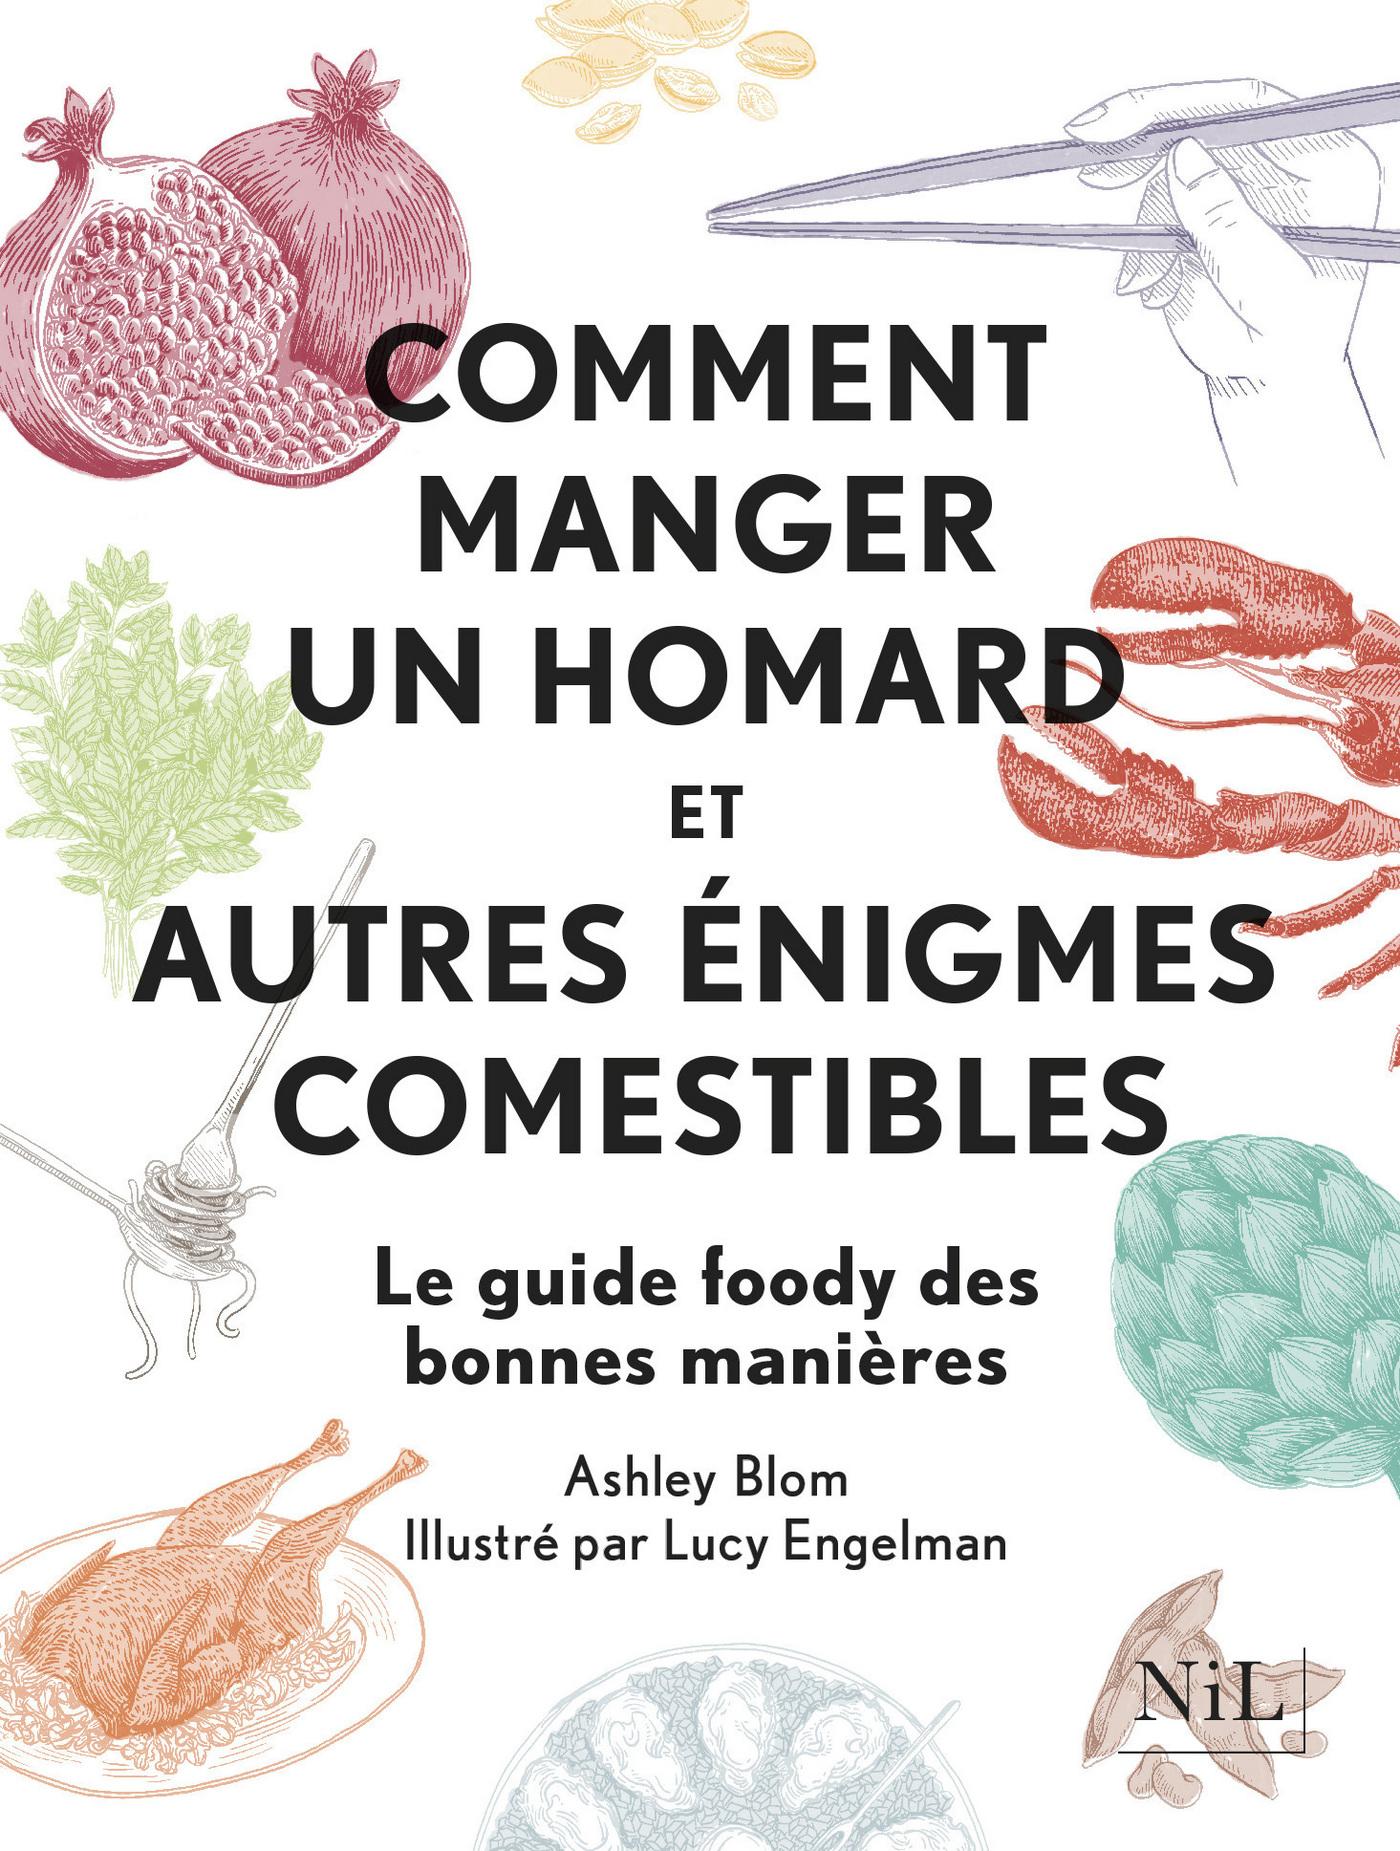 Comment manger un homard et autres énigmes comestibles